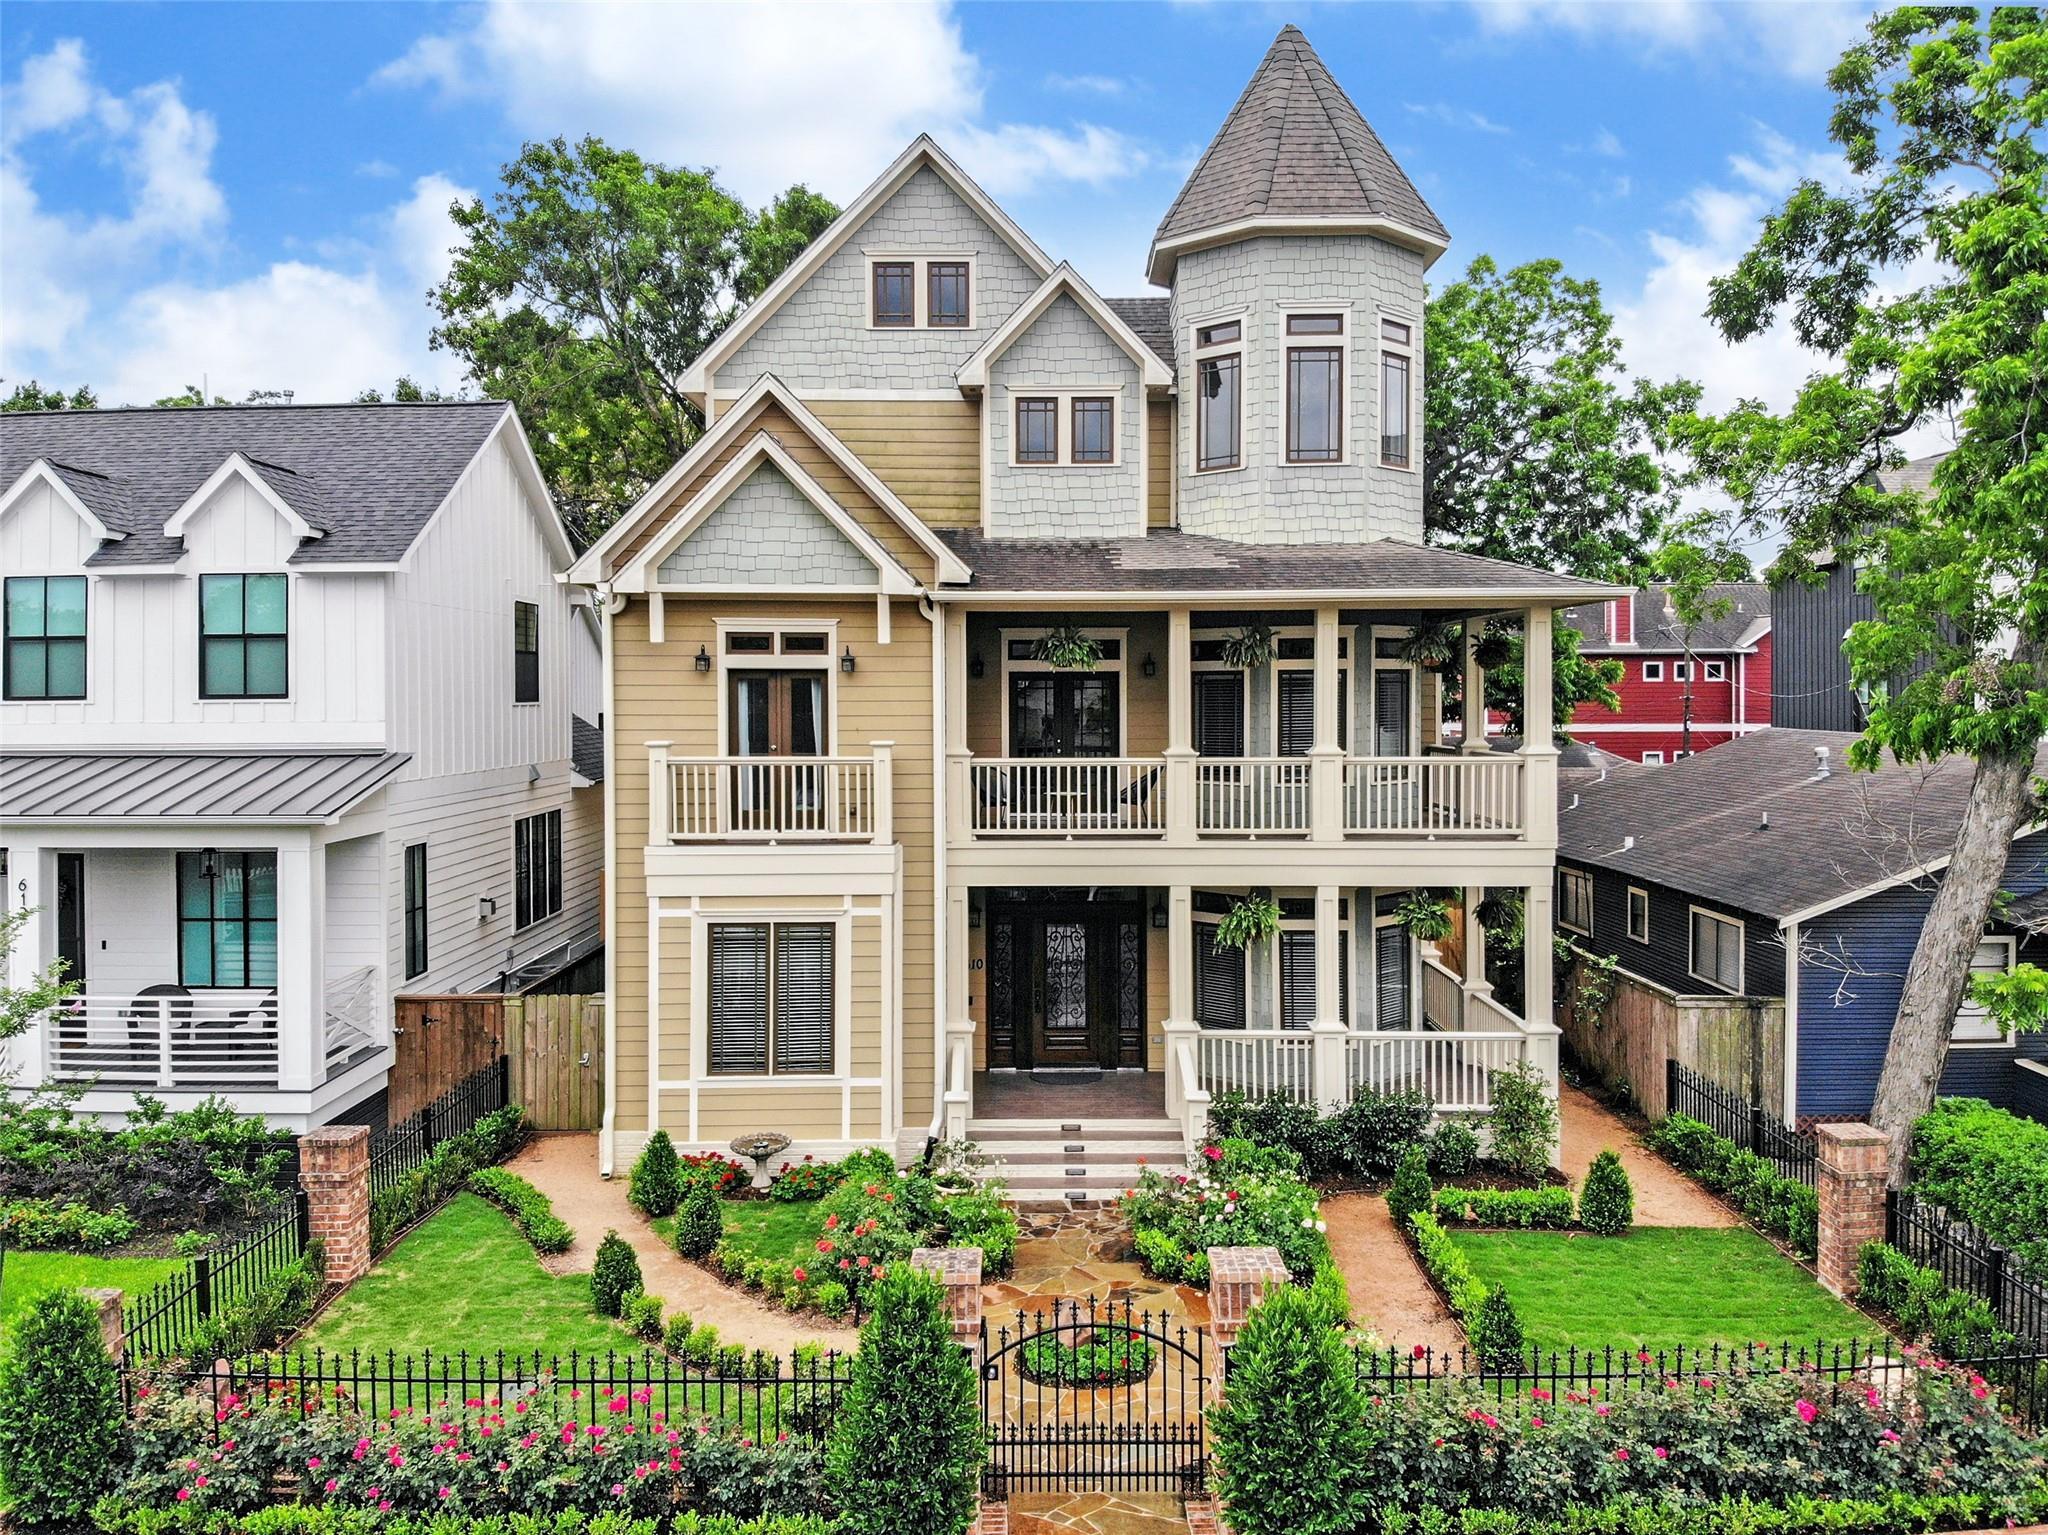 610 E 7th Street Property Photo